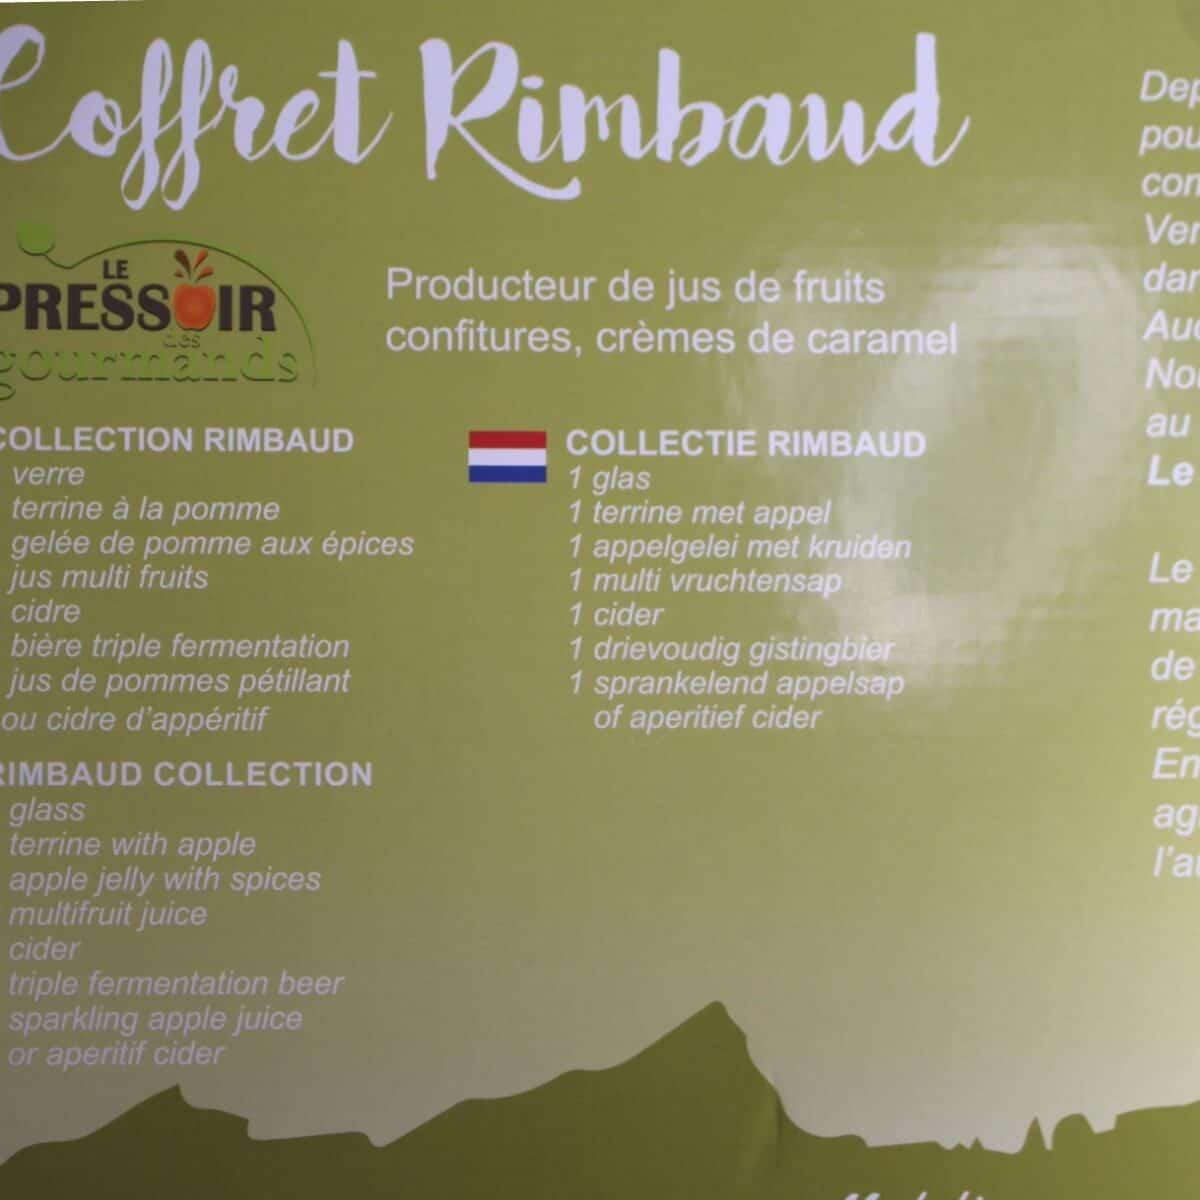 Coffret, Terroir, Rimbaud, Ardennes, Boissons, Jus, Verre, Terrine